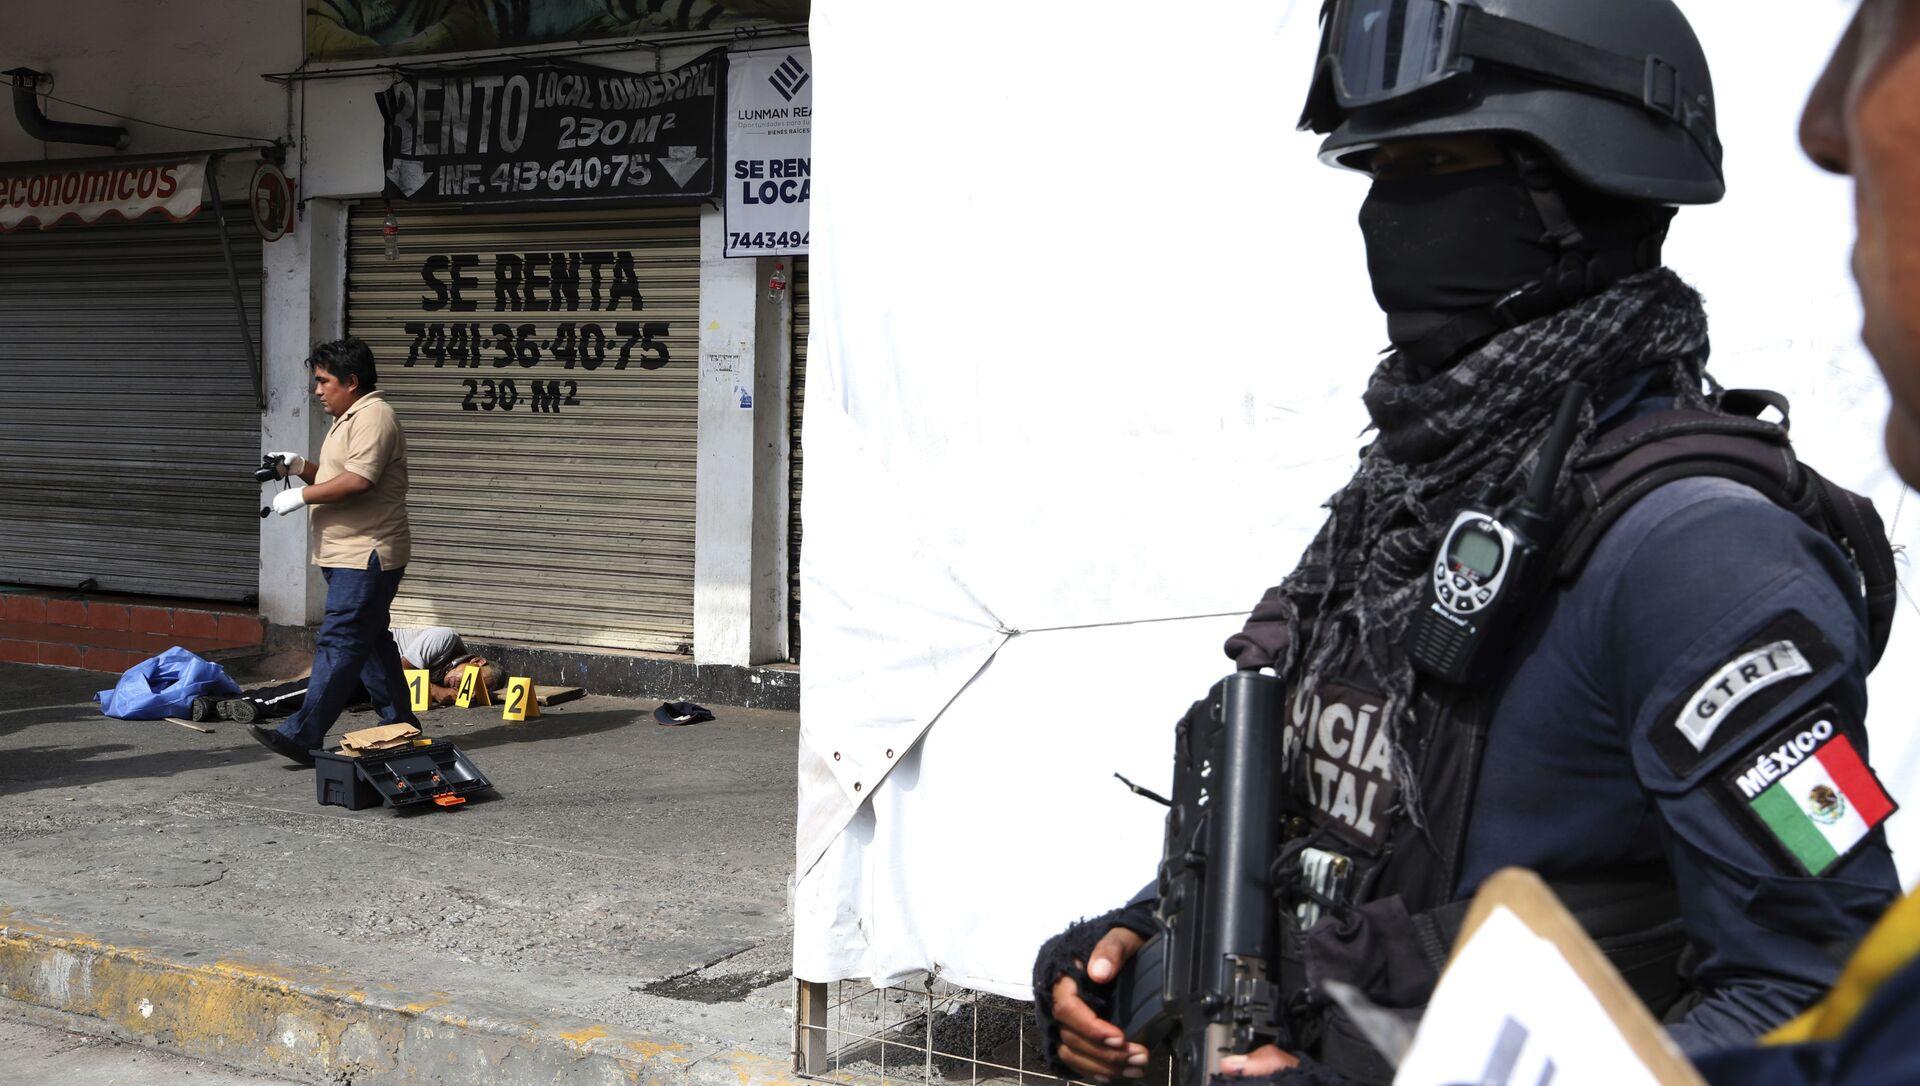 Violencia en México (imagen referencial) - Sputnik Mundo, 1920, 02.06.2020